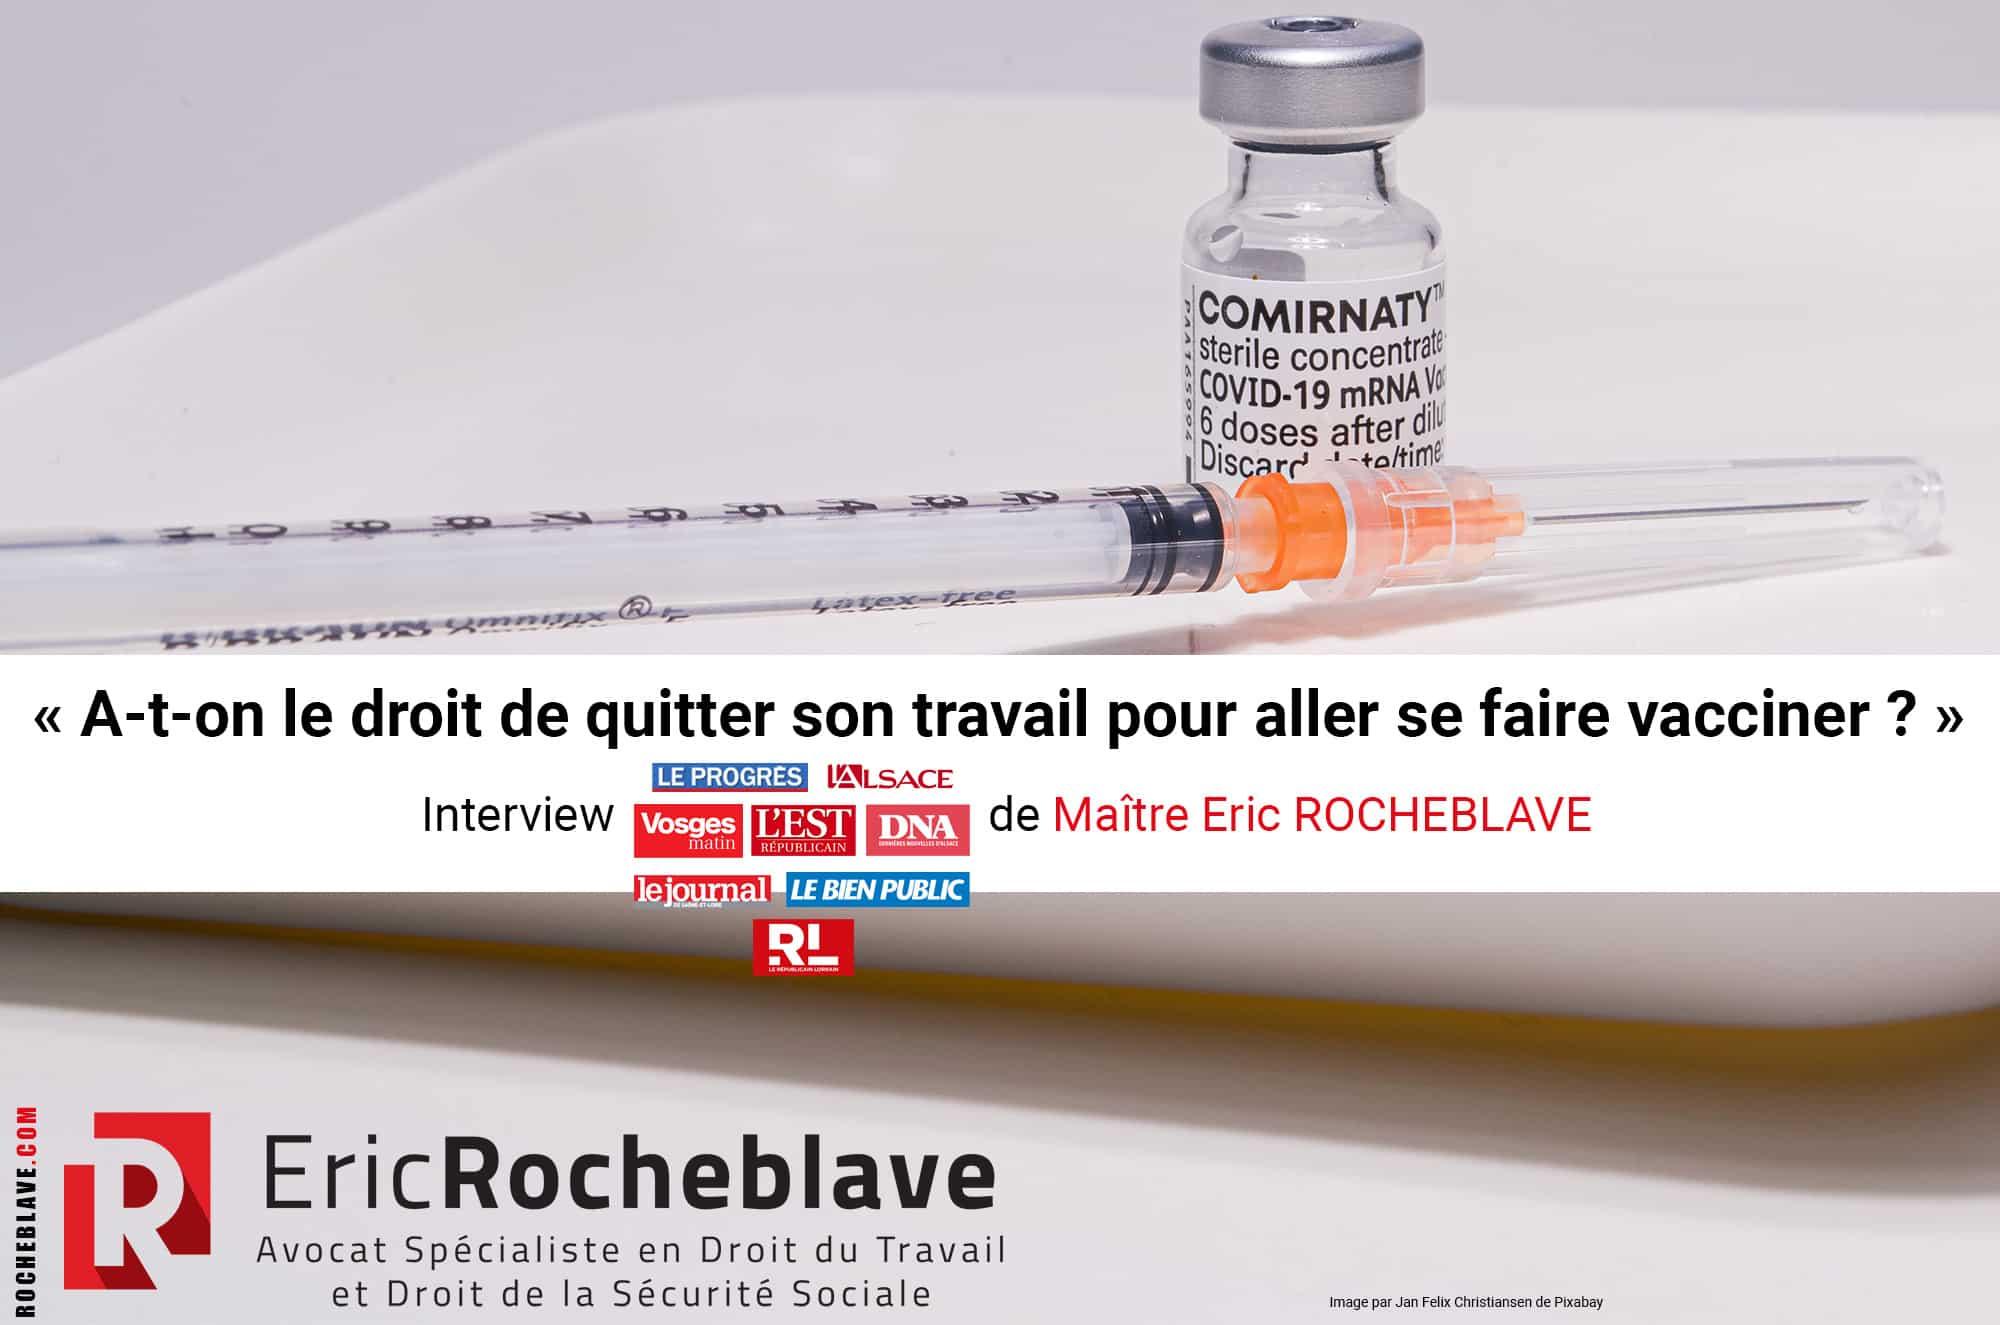 « A-t-on le droit de quitter son travail pour aller se faire vacciner ? » Interview de Maître Eric ROCHEBLAVE